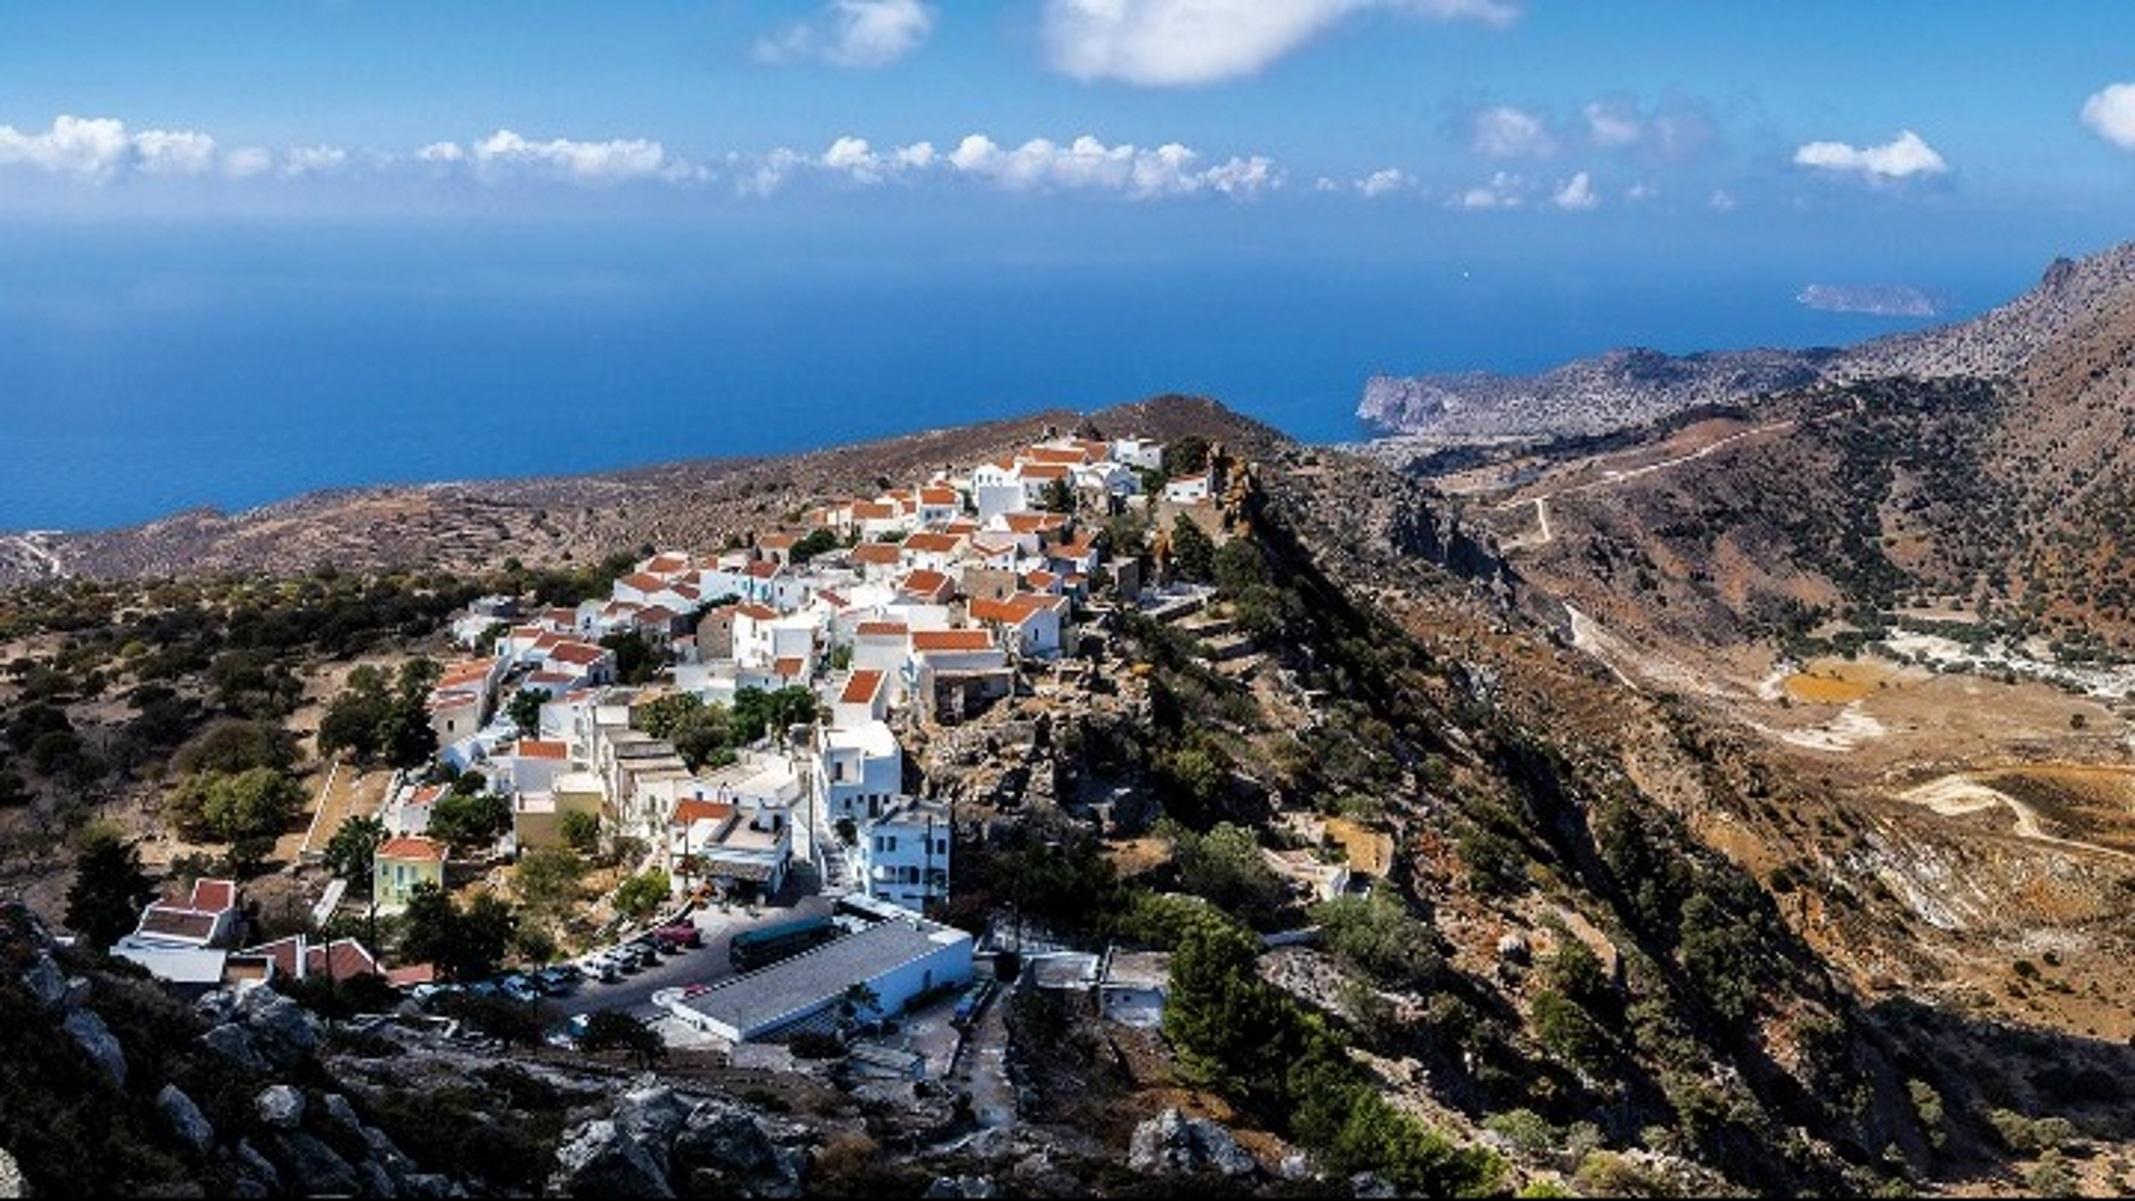 Σεισμός στη Νίσυρο – 9,1 χλμ. το εστιακό βάθος